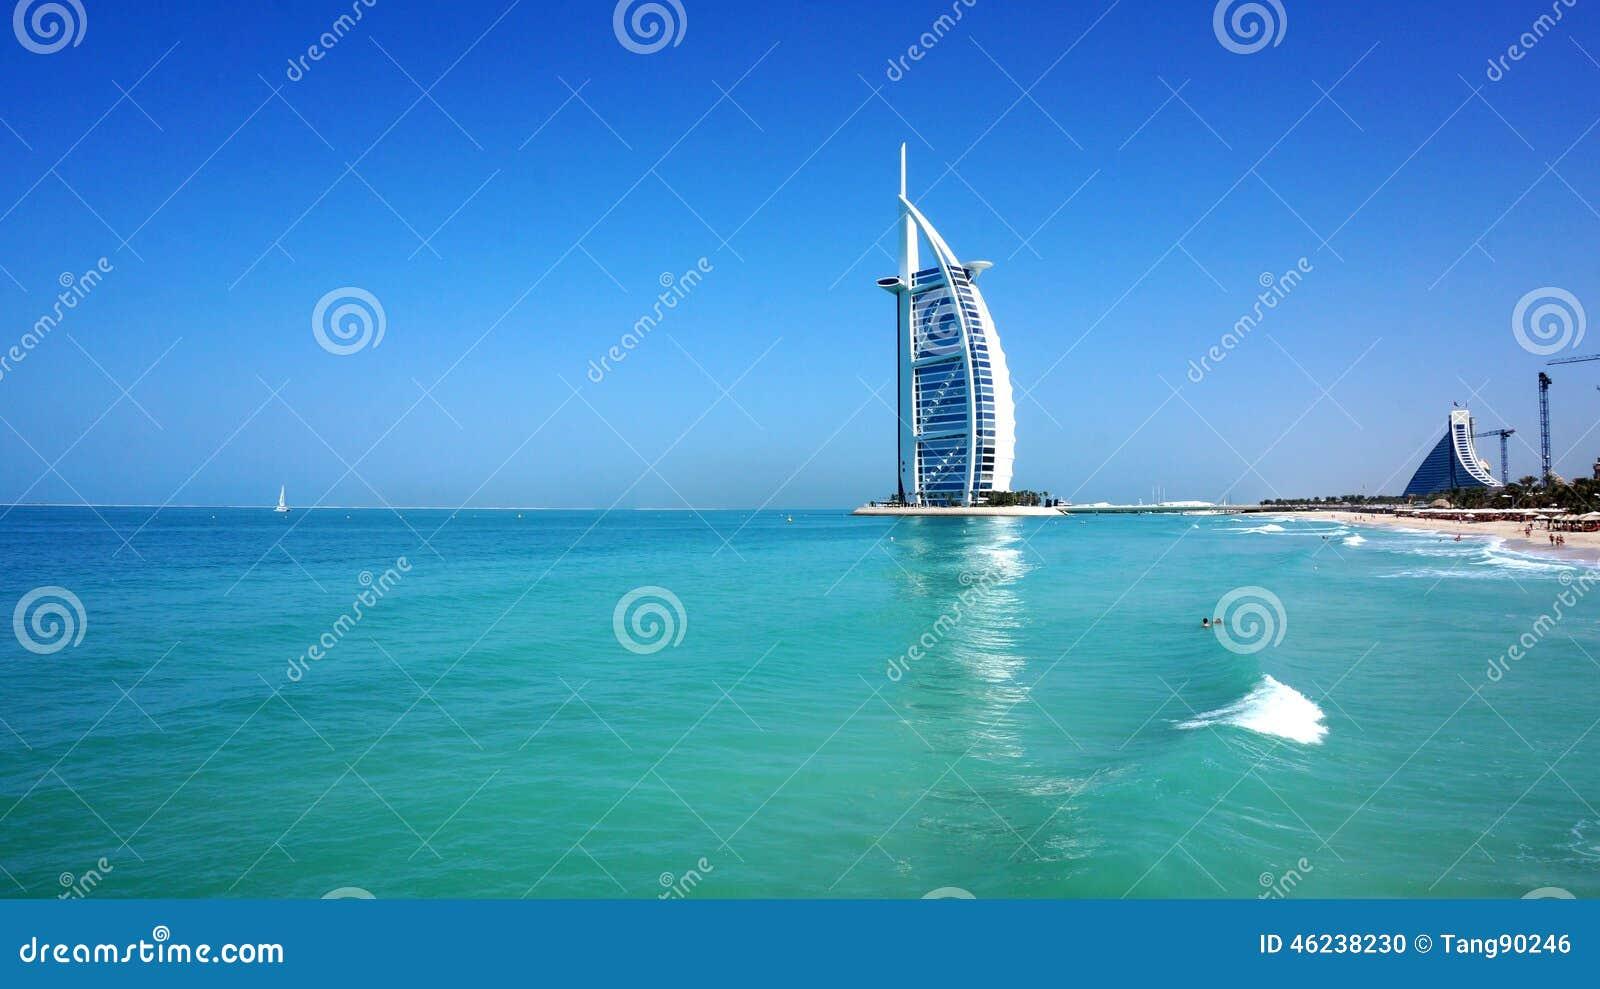 View Of Burj Al Arab Hotel From The Jumeirah Beach